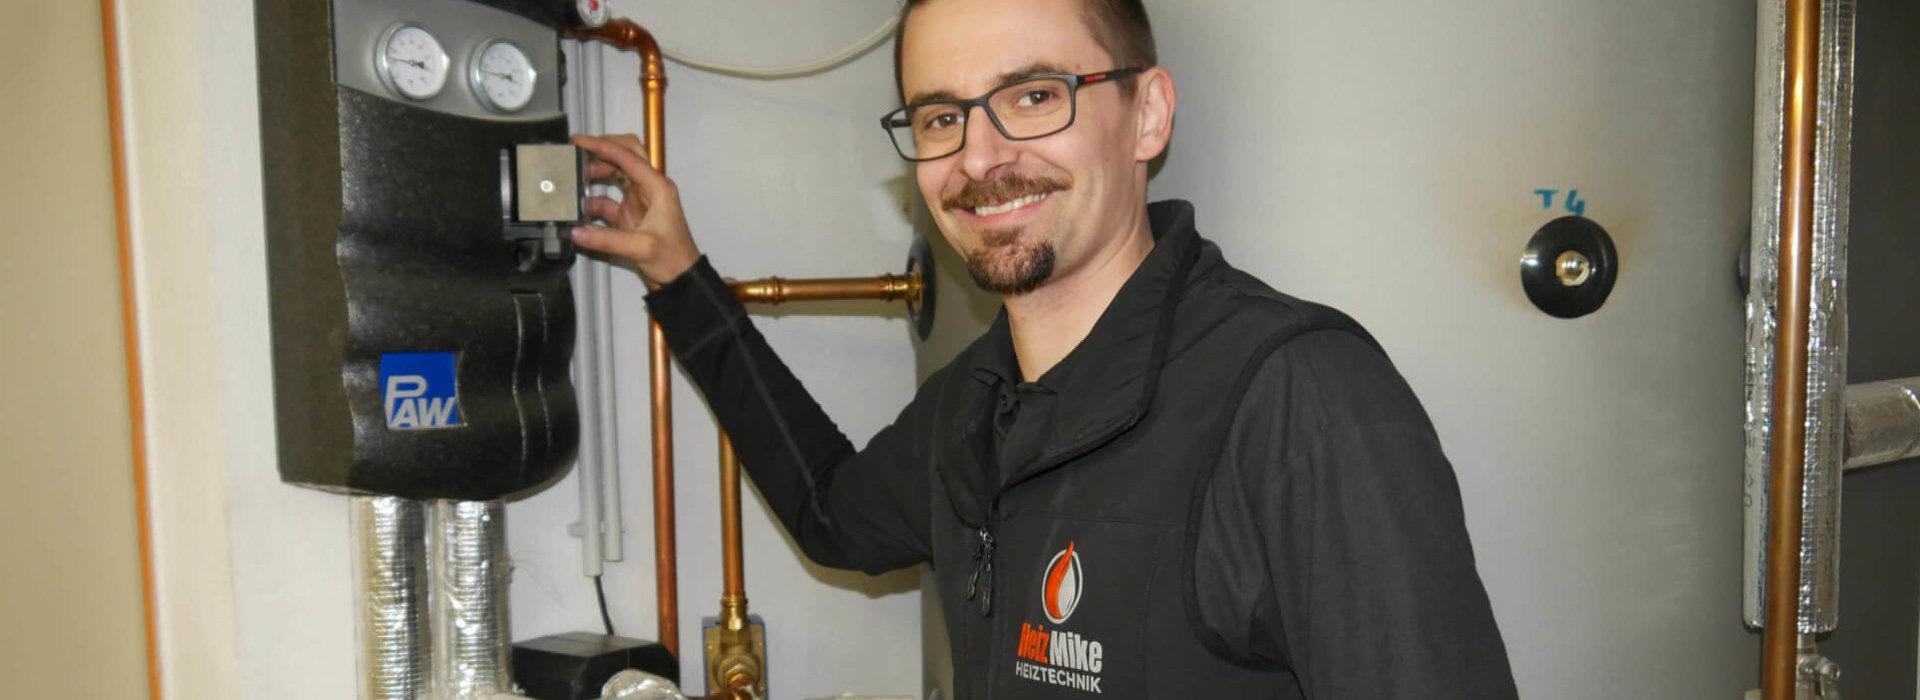 Michael Unterlechner beim Solaranlagen Service